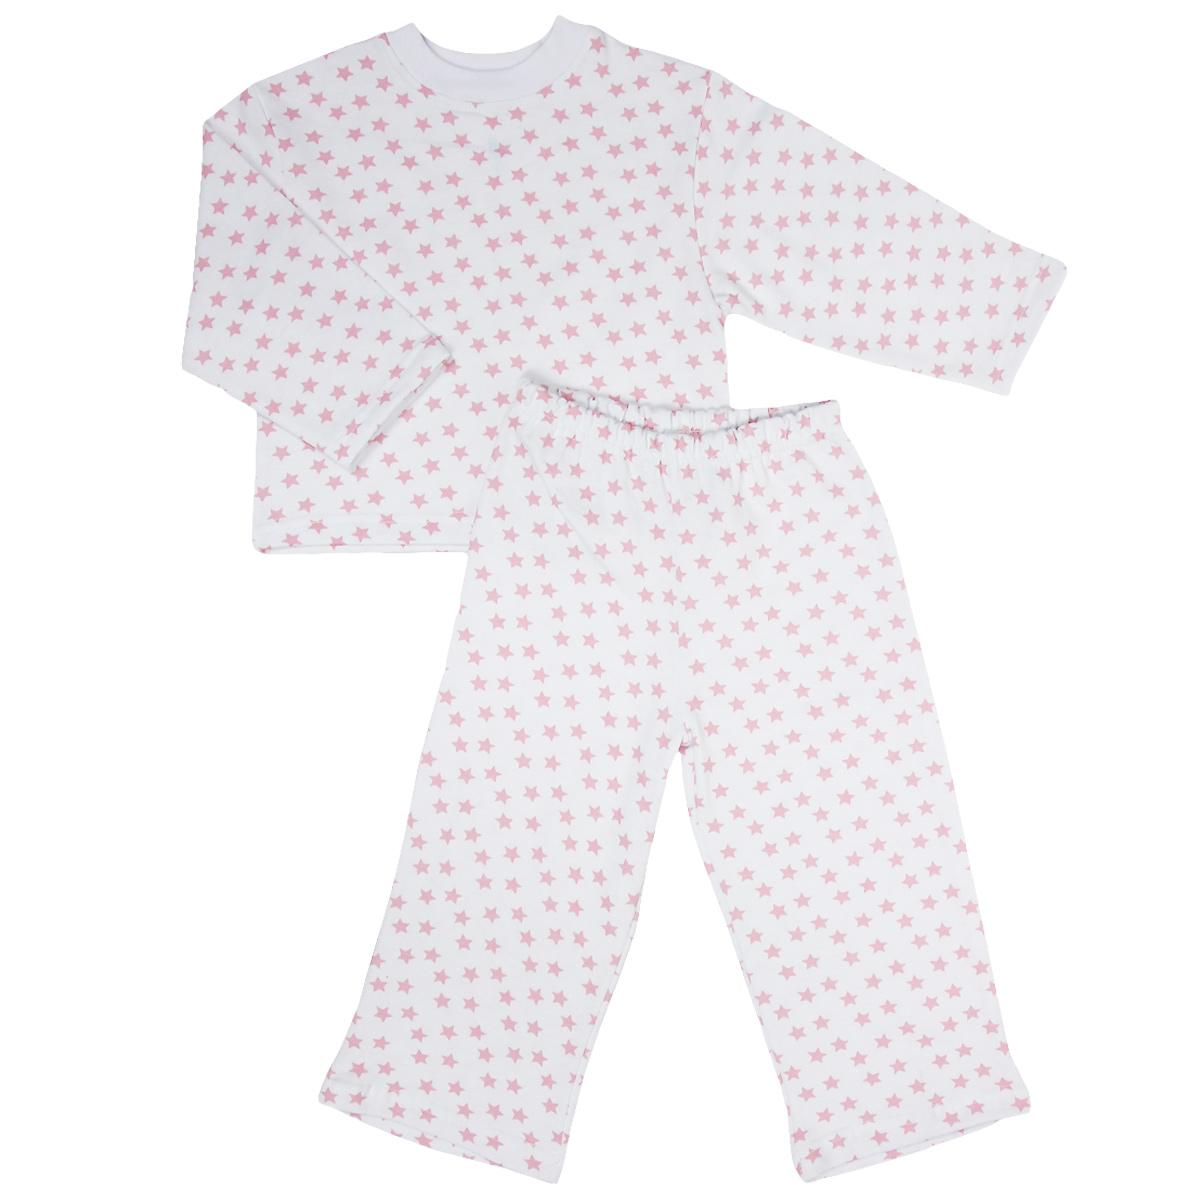 Пижама детская Трон-плюс, цвет: белый, розовый, рисунок звезды. 5553. Размер 86/92, 2-3 года5553Яркая детская пижама Трон-плюс, состоящая из кофточки и штанишек, идеально подойдет вашему малышу и станет отличным дополнением к детскому гардеробу. Теплая пижама, изготовленная из набивного футера - натурального хлопка, необычайно мягкая и легкая, не сковывает движения ребенка, позволяет коже дышать и не раздражает даже самую нежную и чувствительную кожу малыша. Кофта с длинными рукавами имеет круглый вырез горловины. Штанишки на удобной резинке не сдавливают животик ребенка и не сползают.В такой пижаме ваш ребенок будет чувствовать себя комфортно и уютно во время сна.